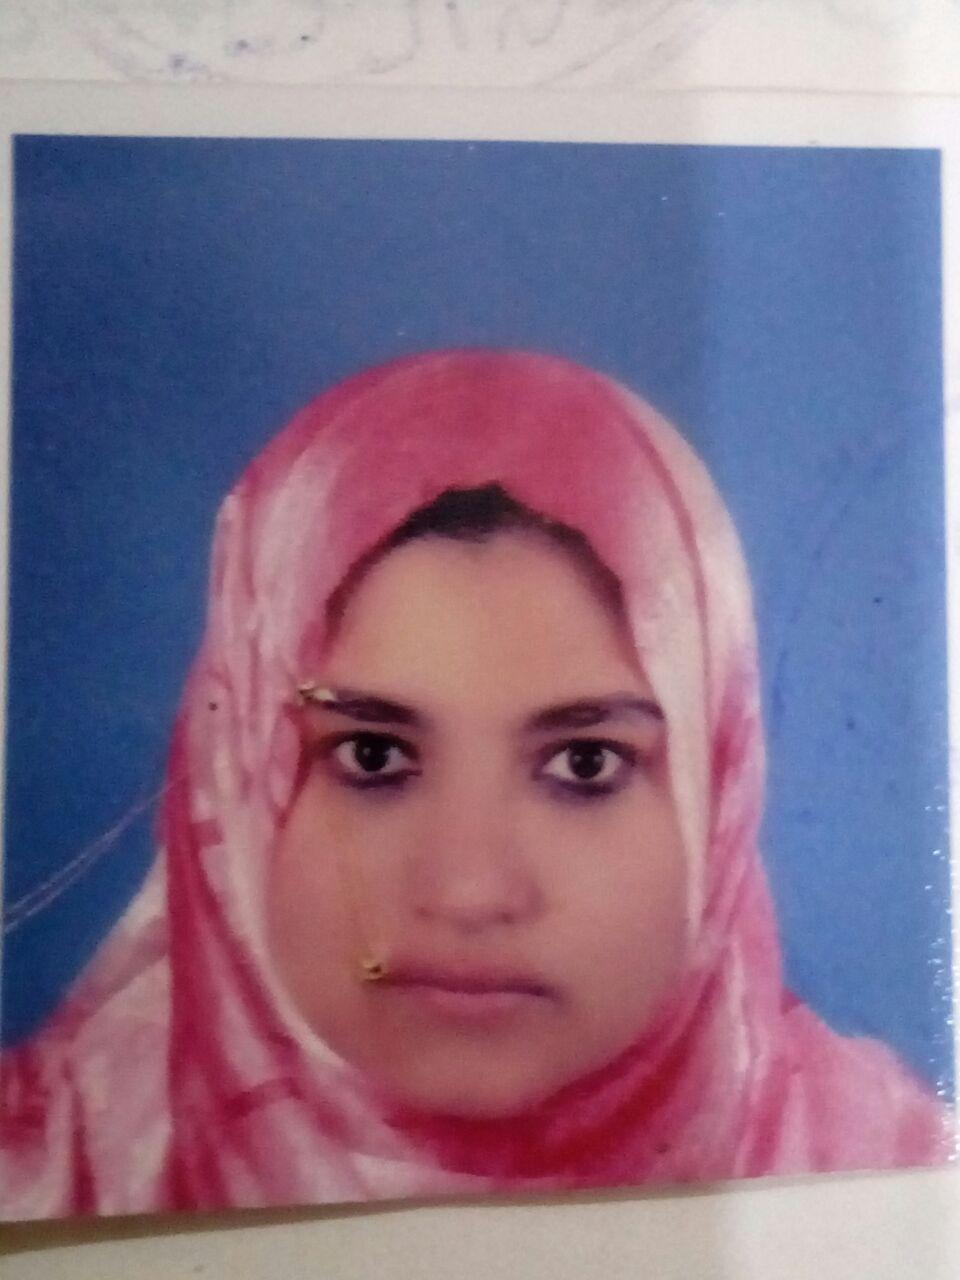 مفقودون.. أسرة مواطنة بالقليوبية تطلق نداء استغاثة للبحث عنها بعد اختفائها